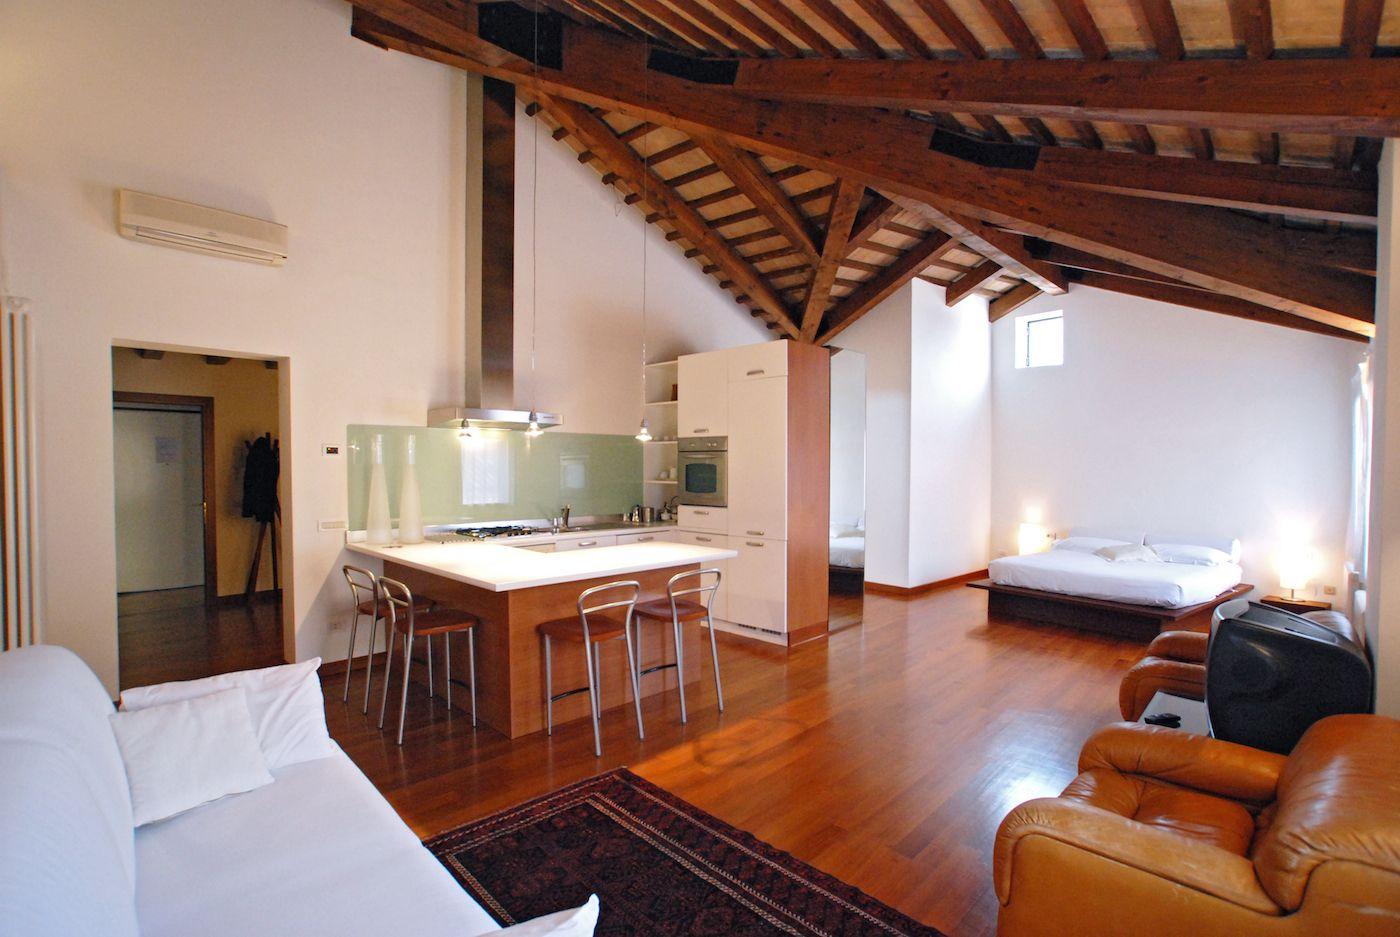 Greci Studio designer open space in Venice